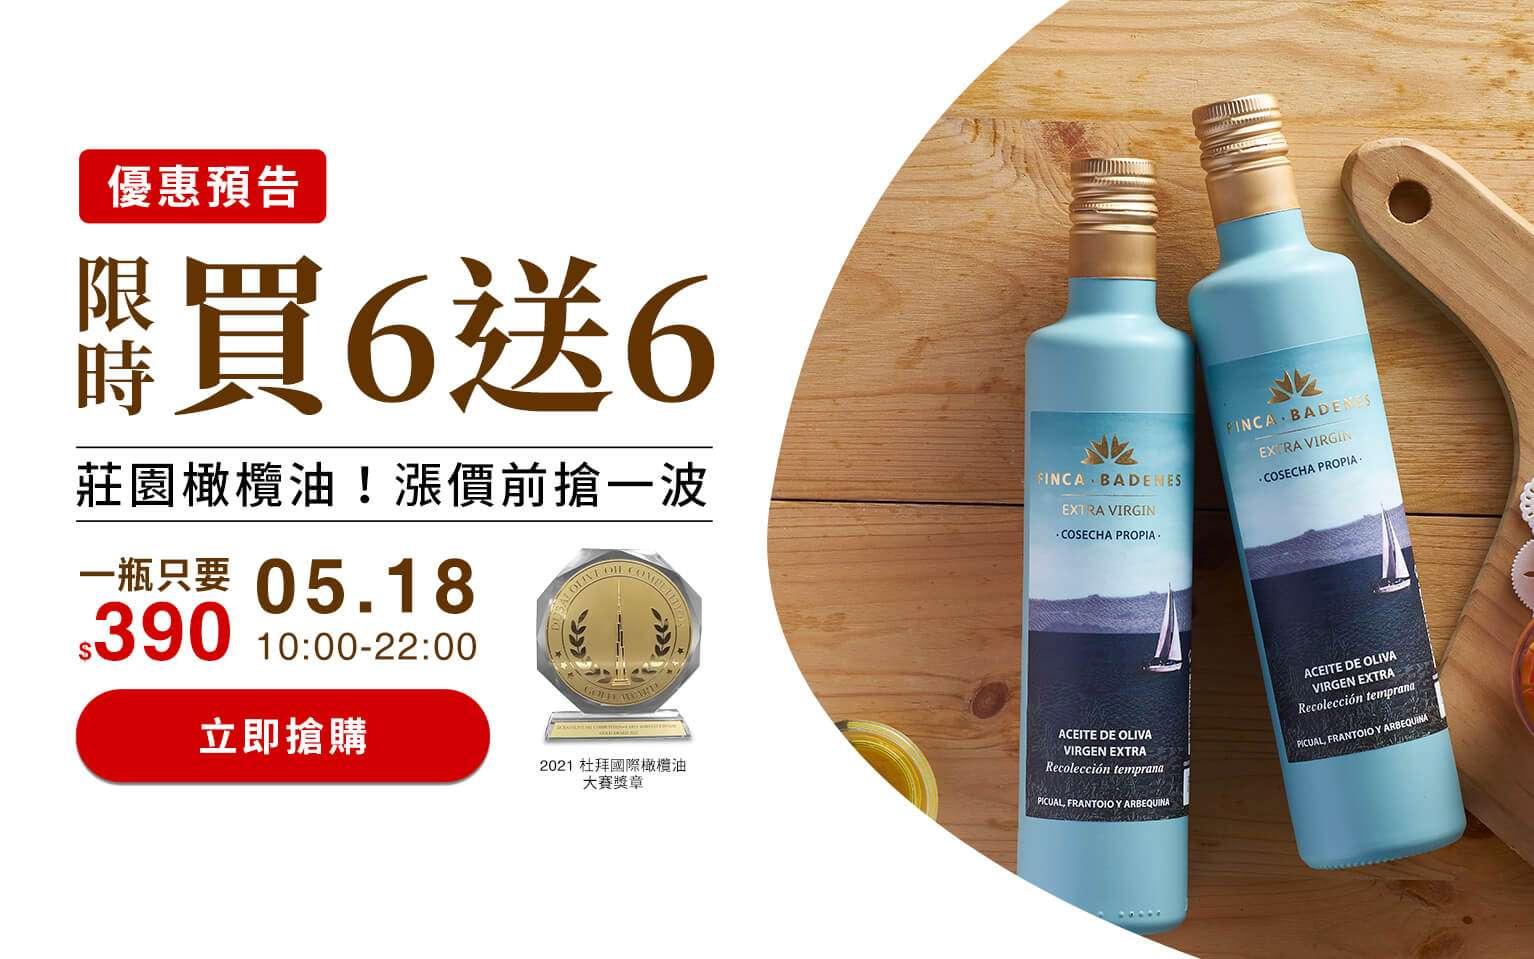 【預告】莊園橄欖油(買6送6) 5/18(二)10點開搶~~團購必敗!美食部落客最愛指定款!